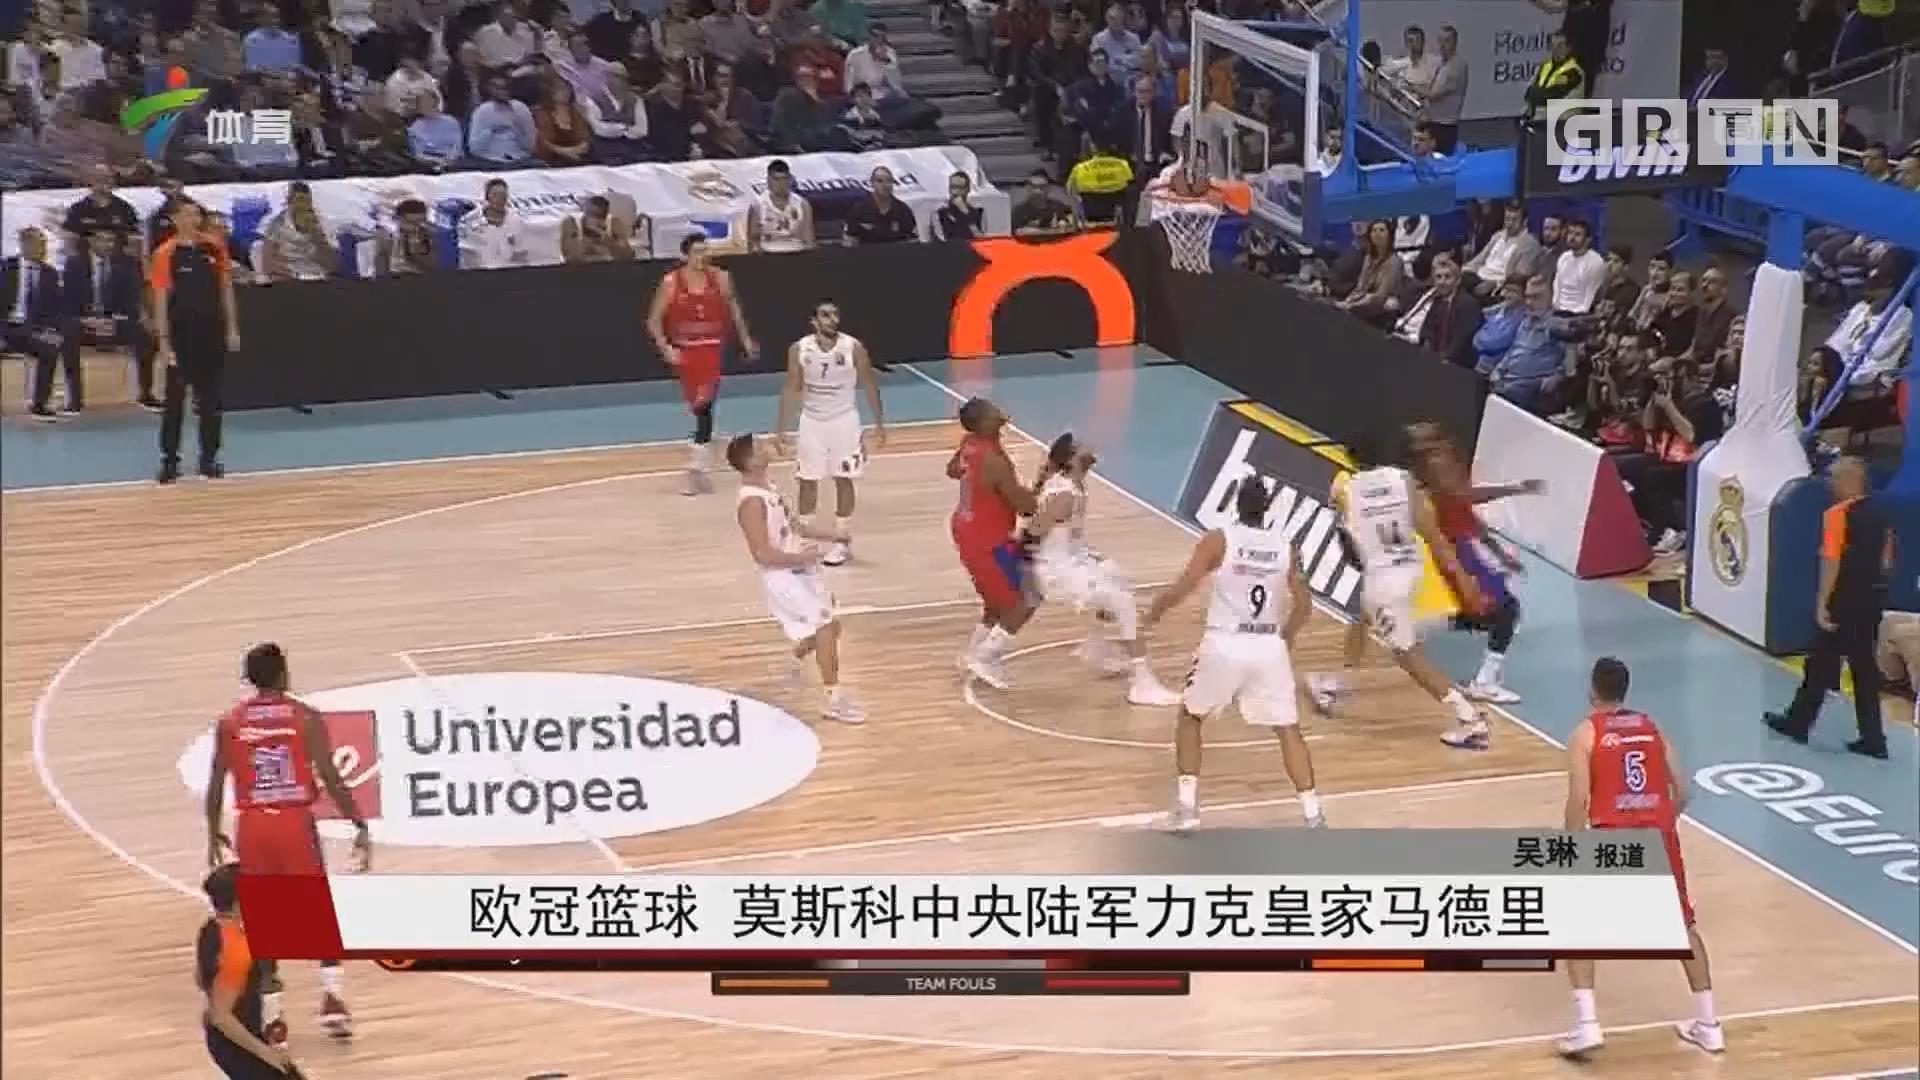 欧冠篮球 莫斯科中央陆军力克皇家马德里